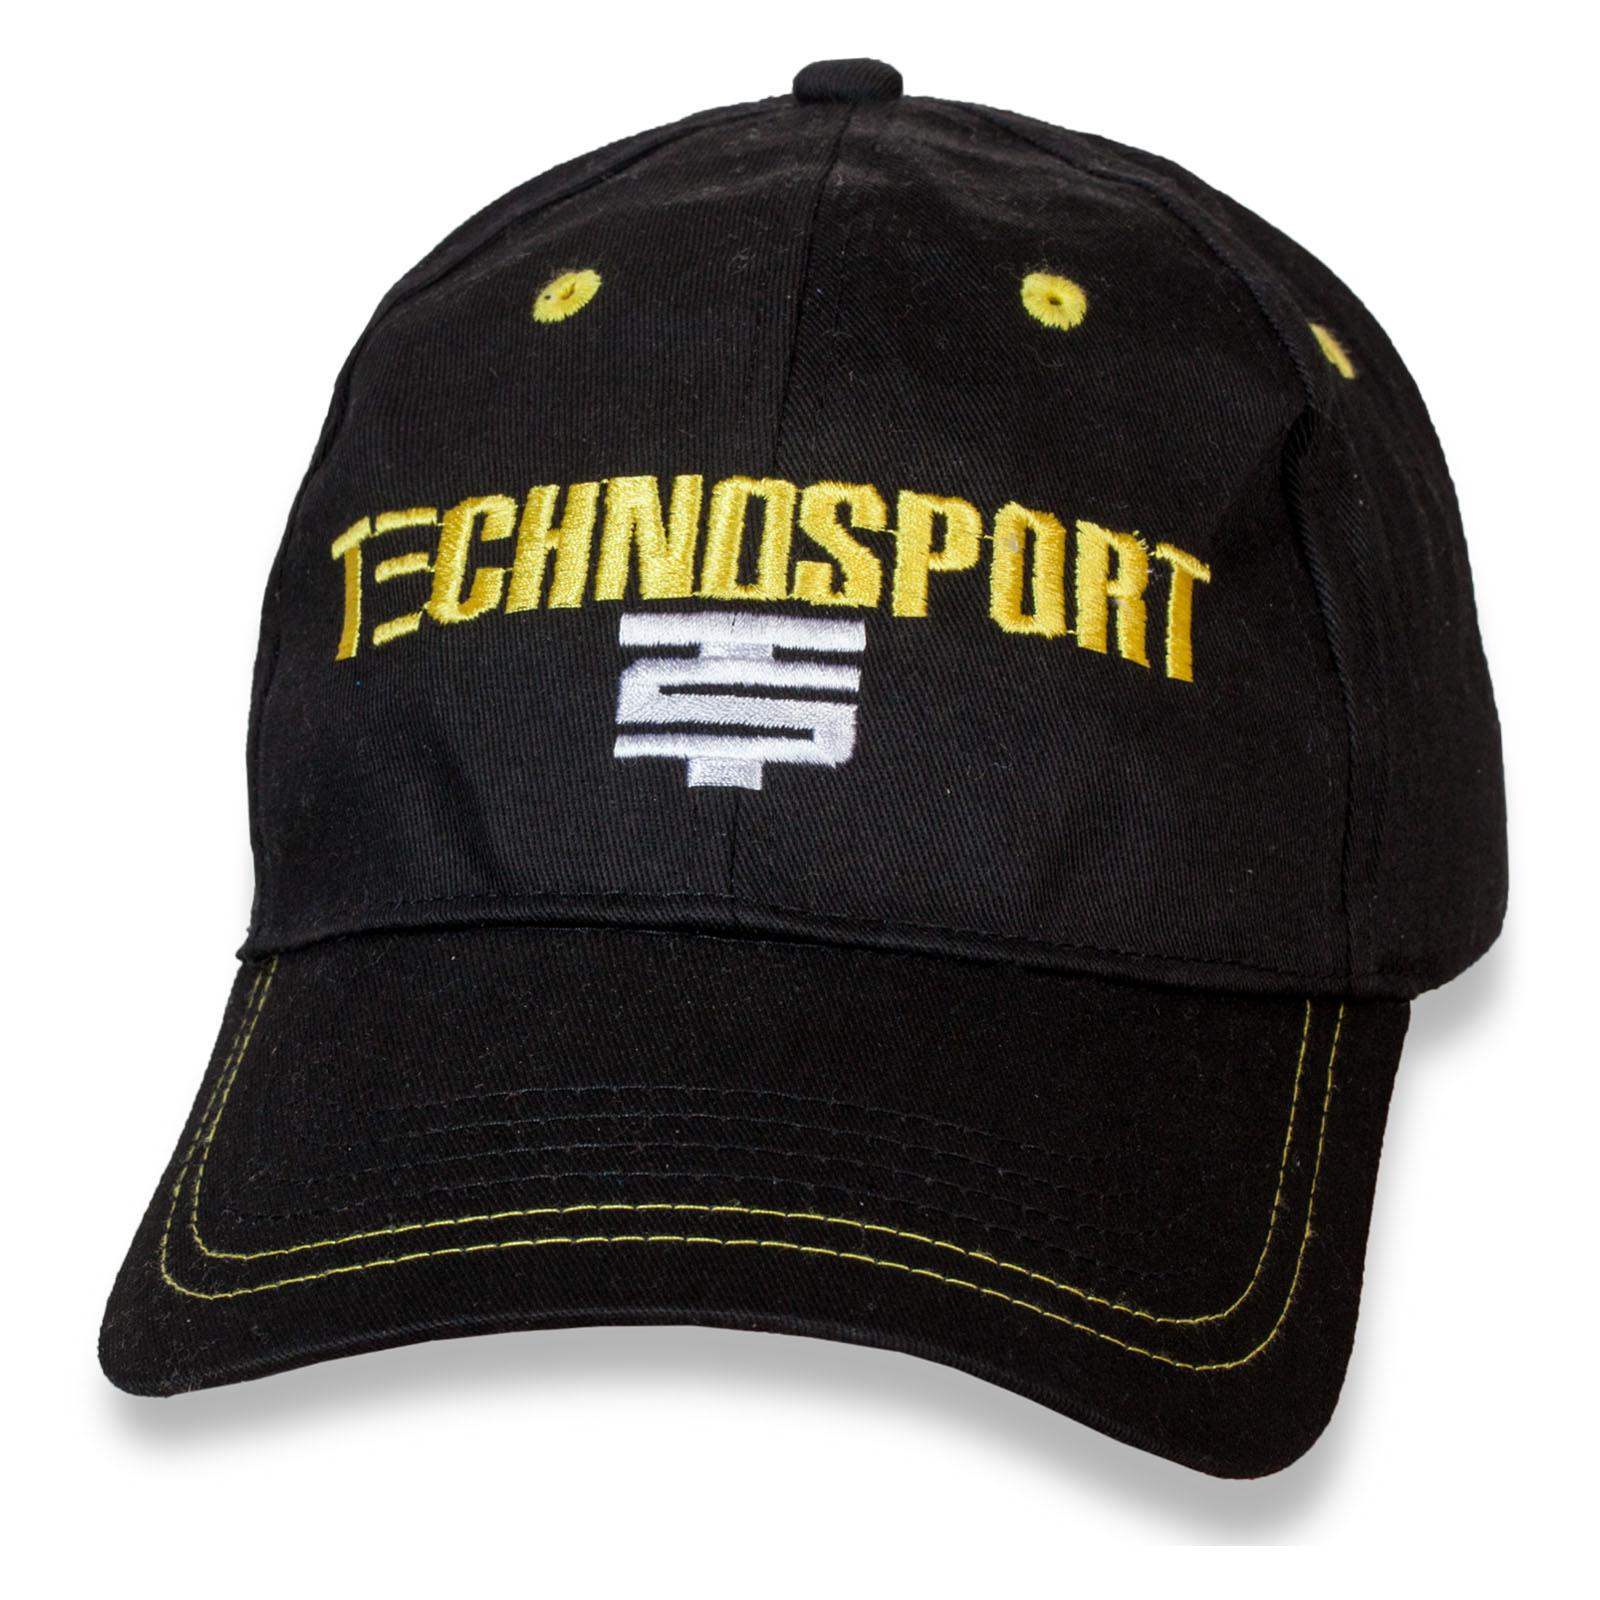 Классная молодёжная бейсболка Technosport